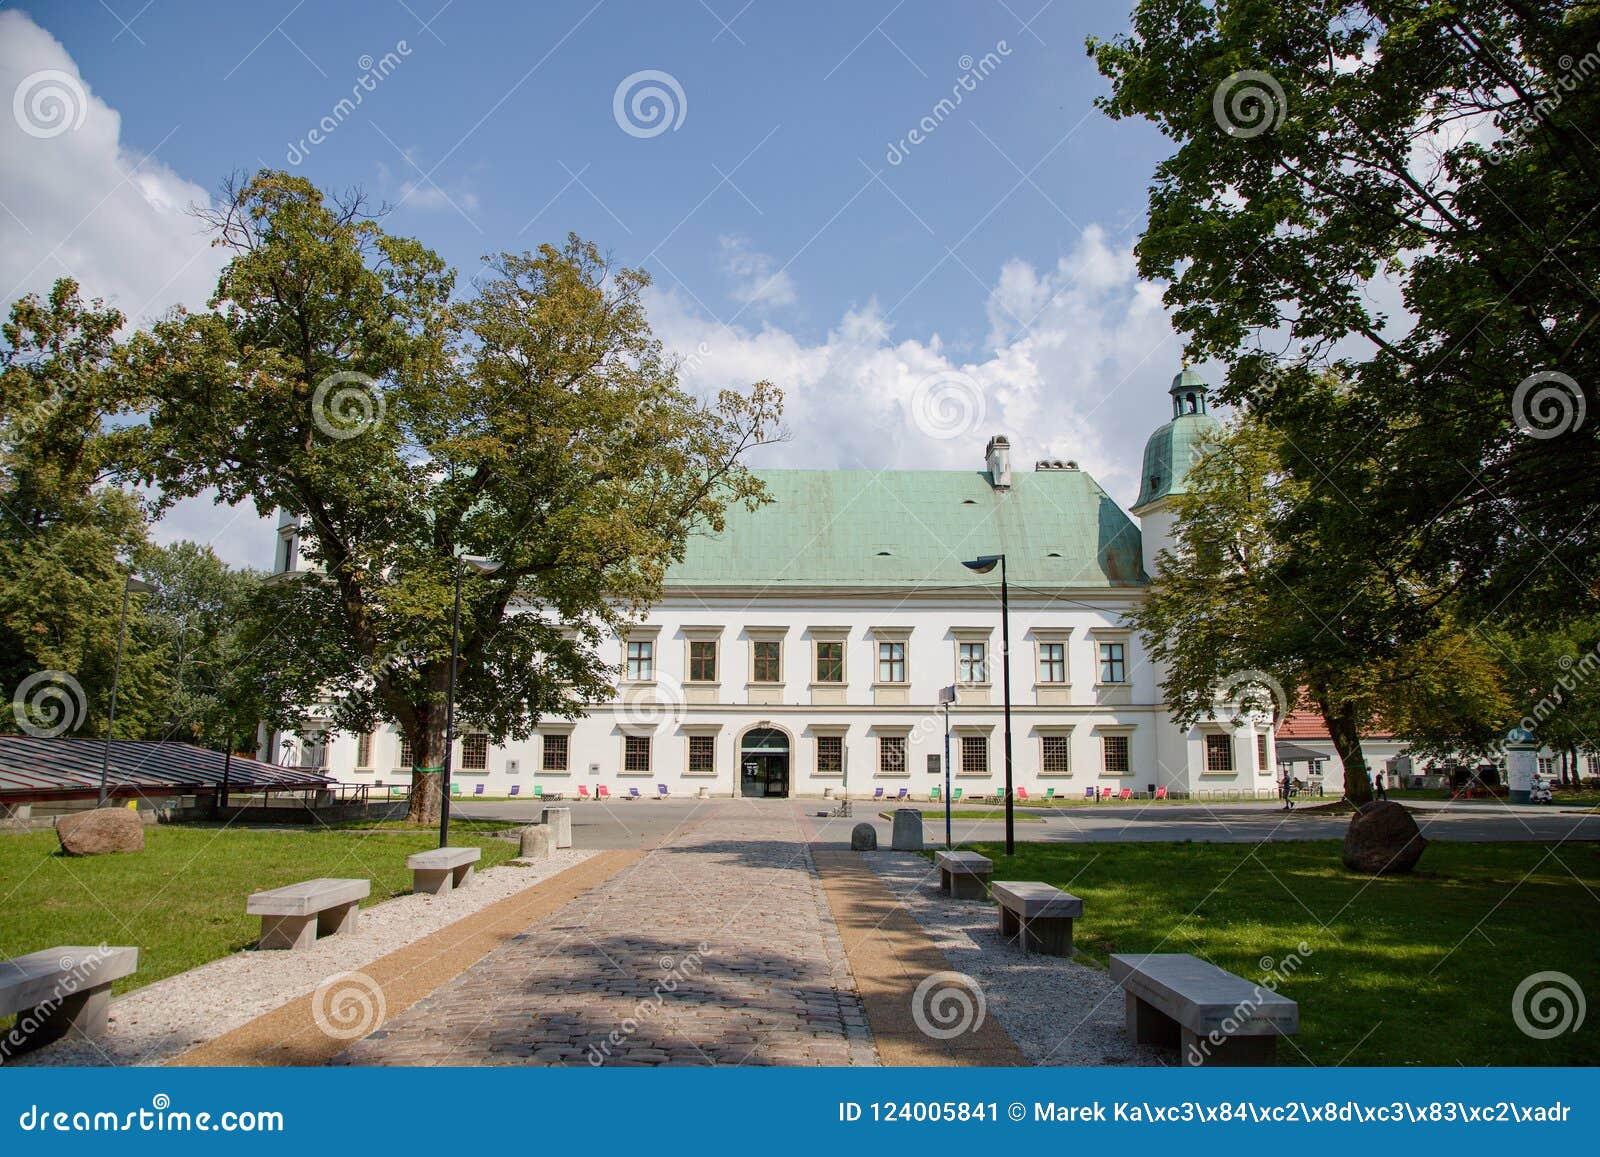 UjazdÃ-³ w Schloss in Warschau in Polen, Europa